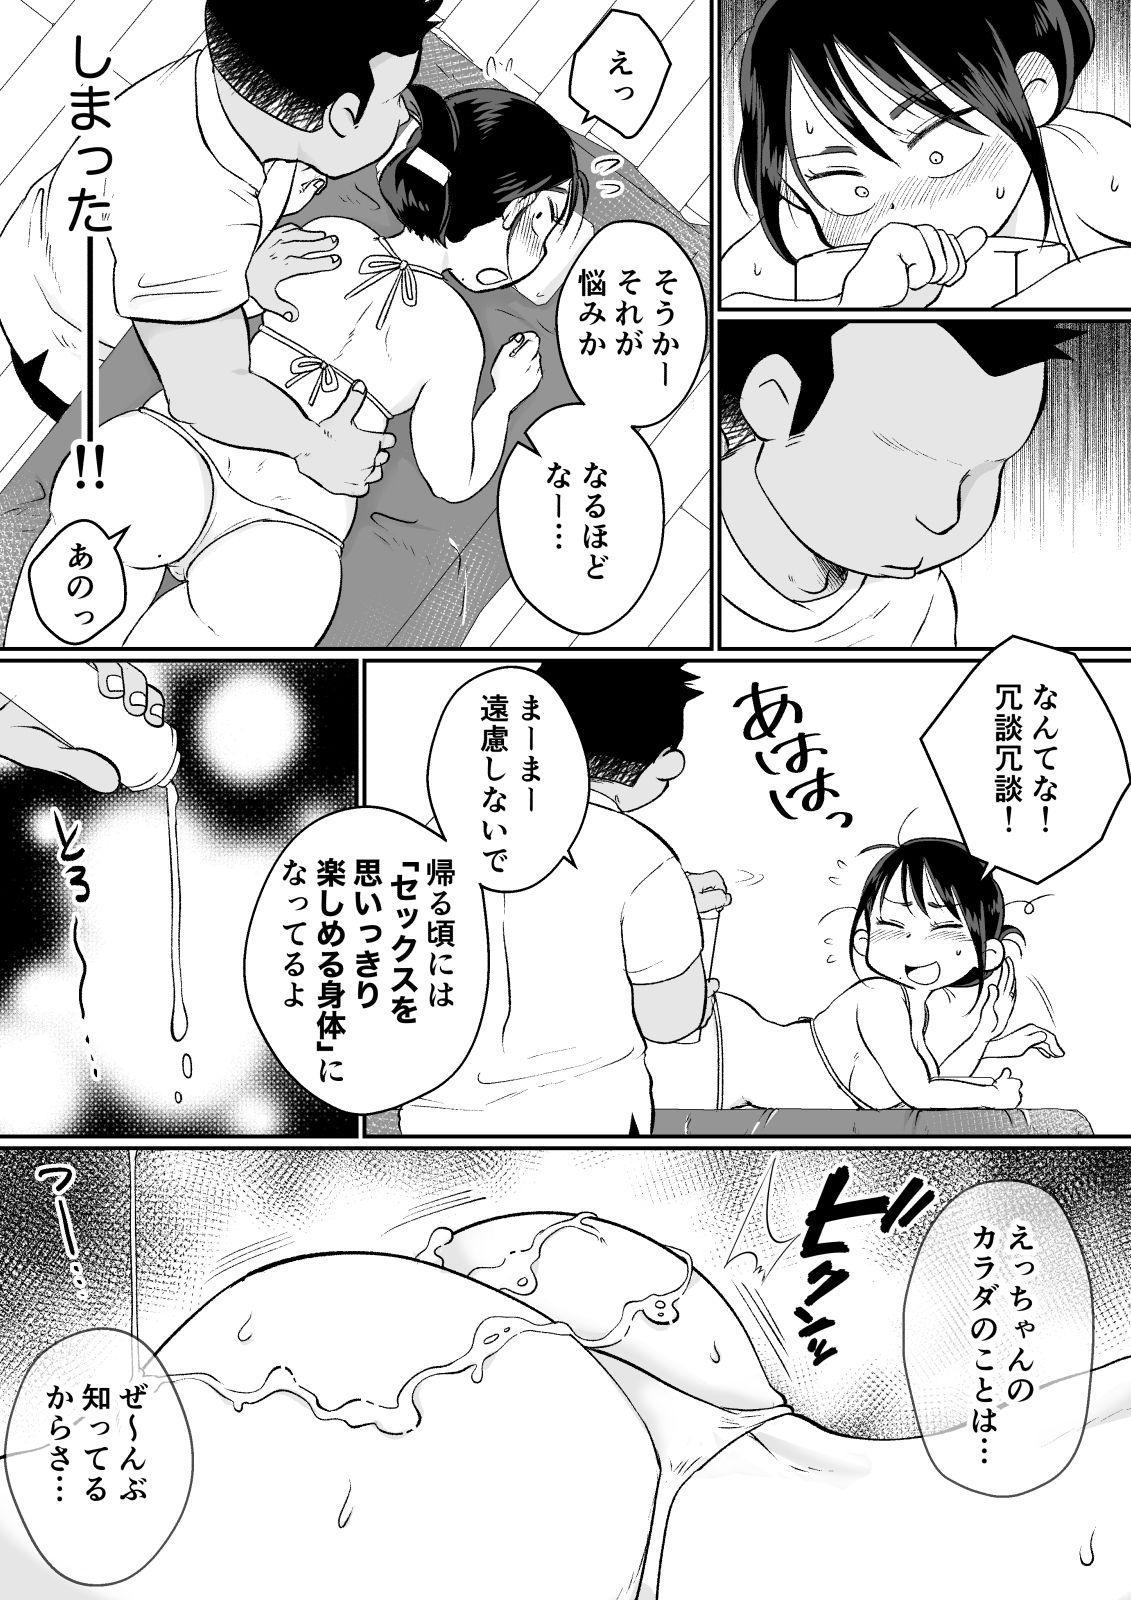 Batsuichi Hitozuma, Moto Danna no Ero Massage ni Ochiru! 17